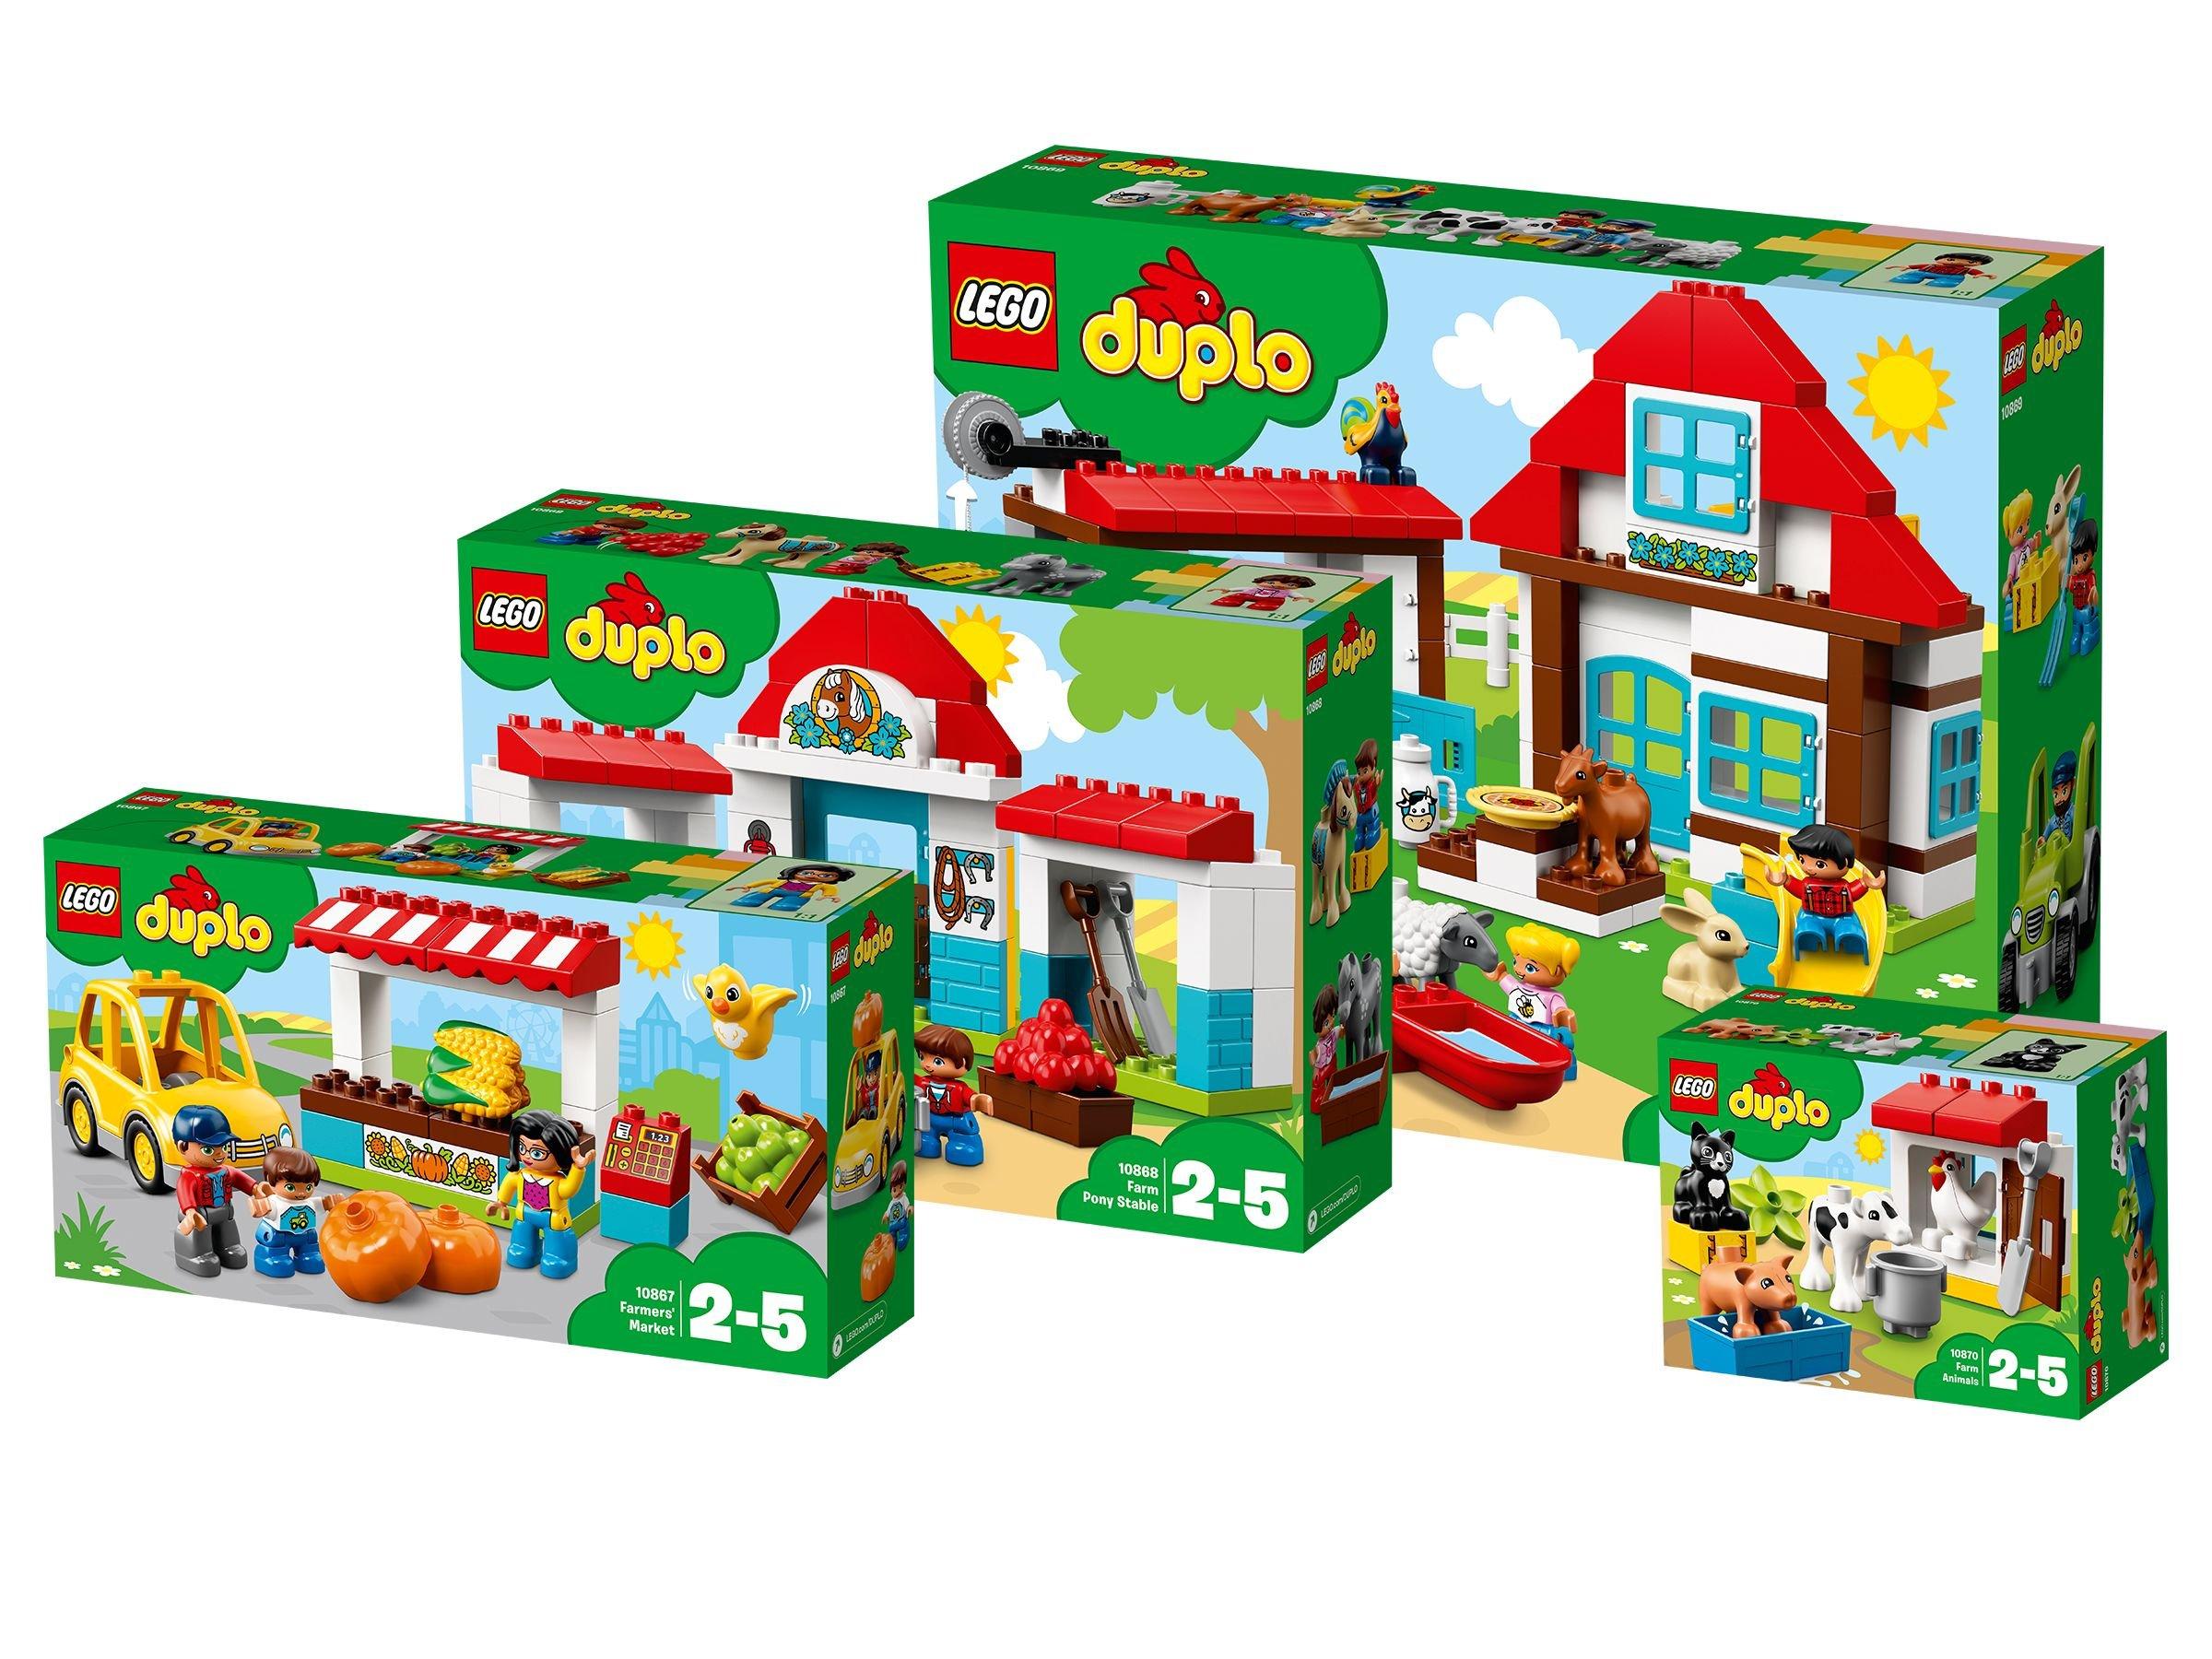 Lego Duplo 5005750 Lego Duplo Paket žspaß Auf Dem Bauernhof œ